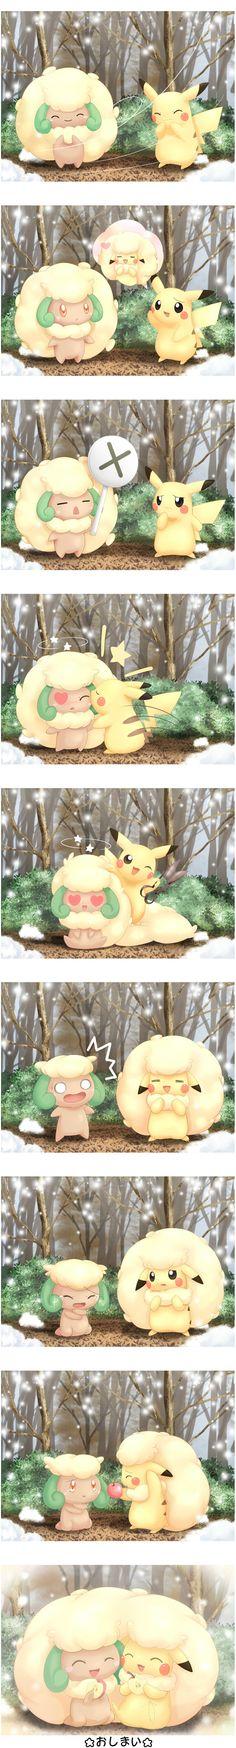 Pikachu, Whimsicott (by Pemyu, Pixiv Id 89488)